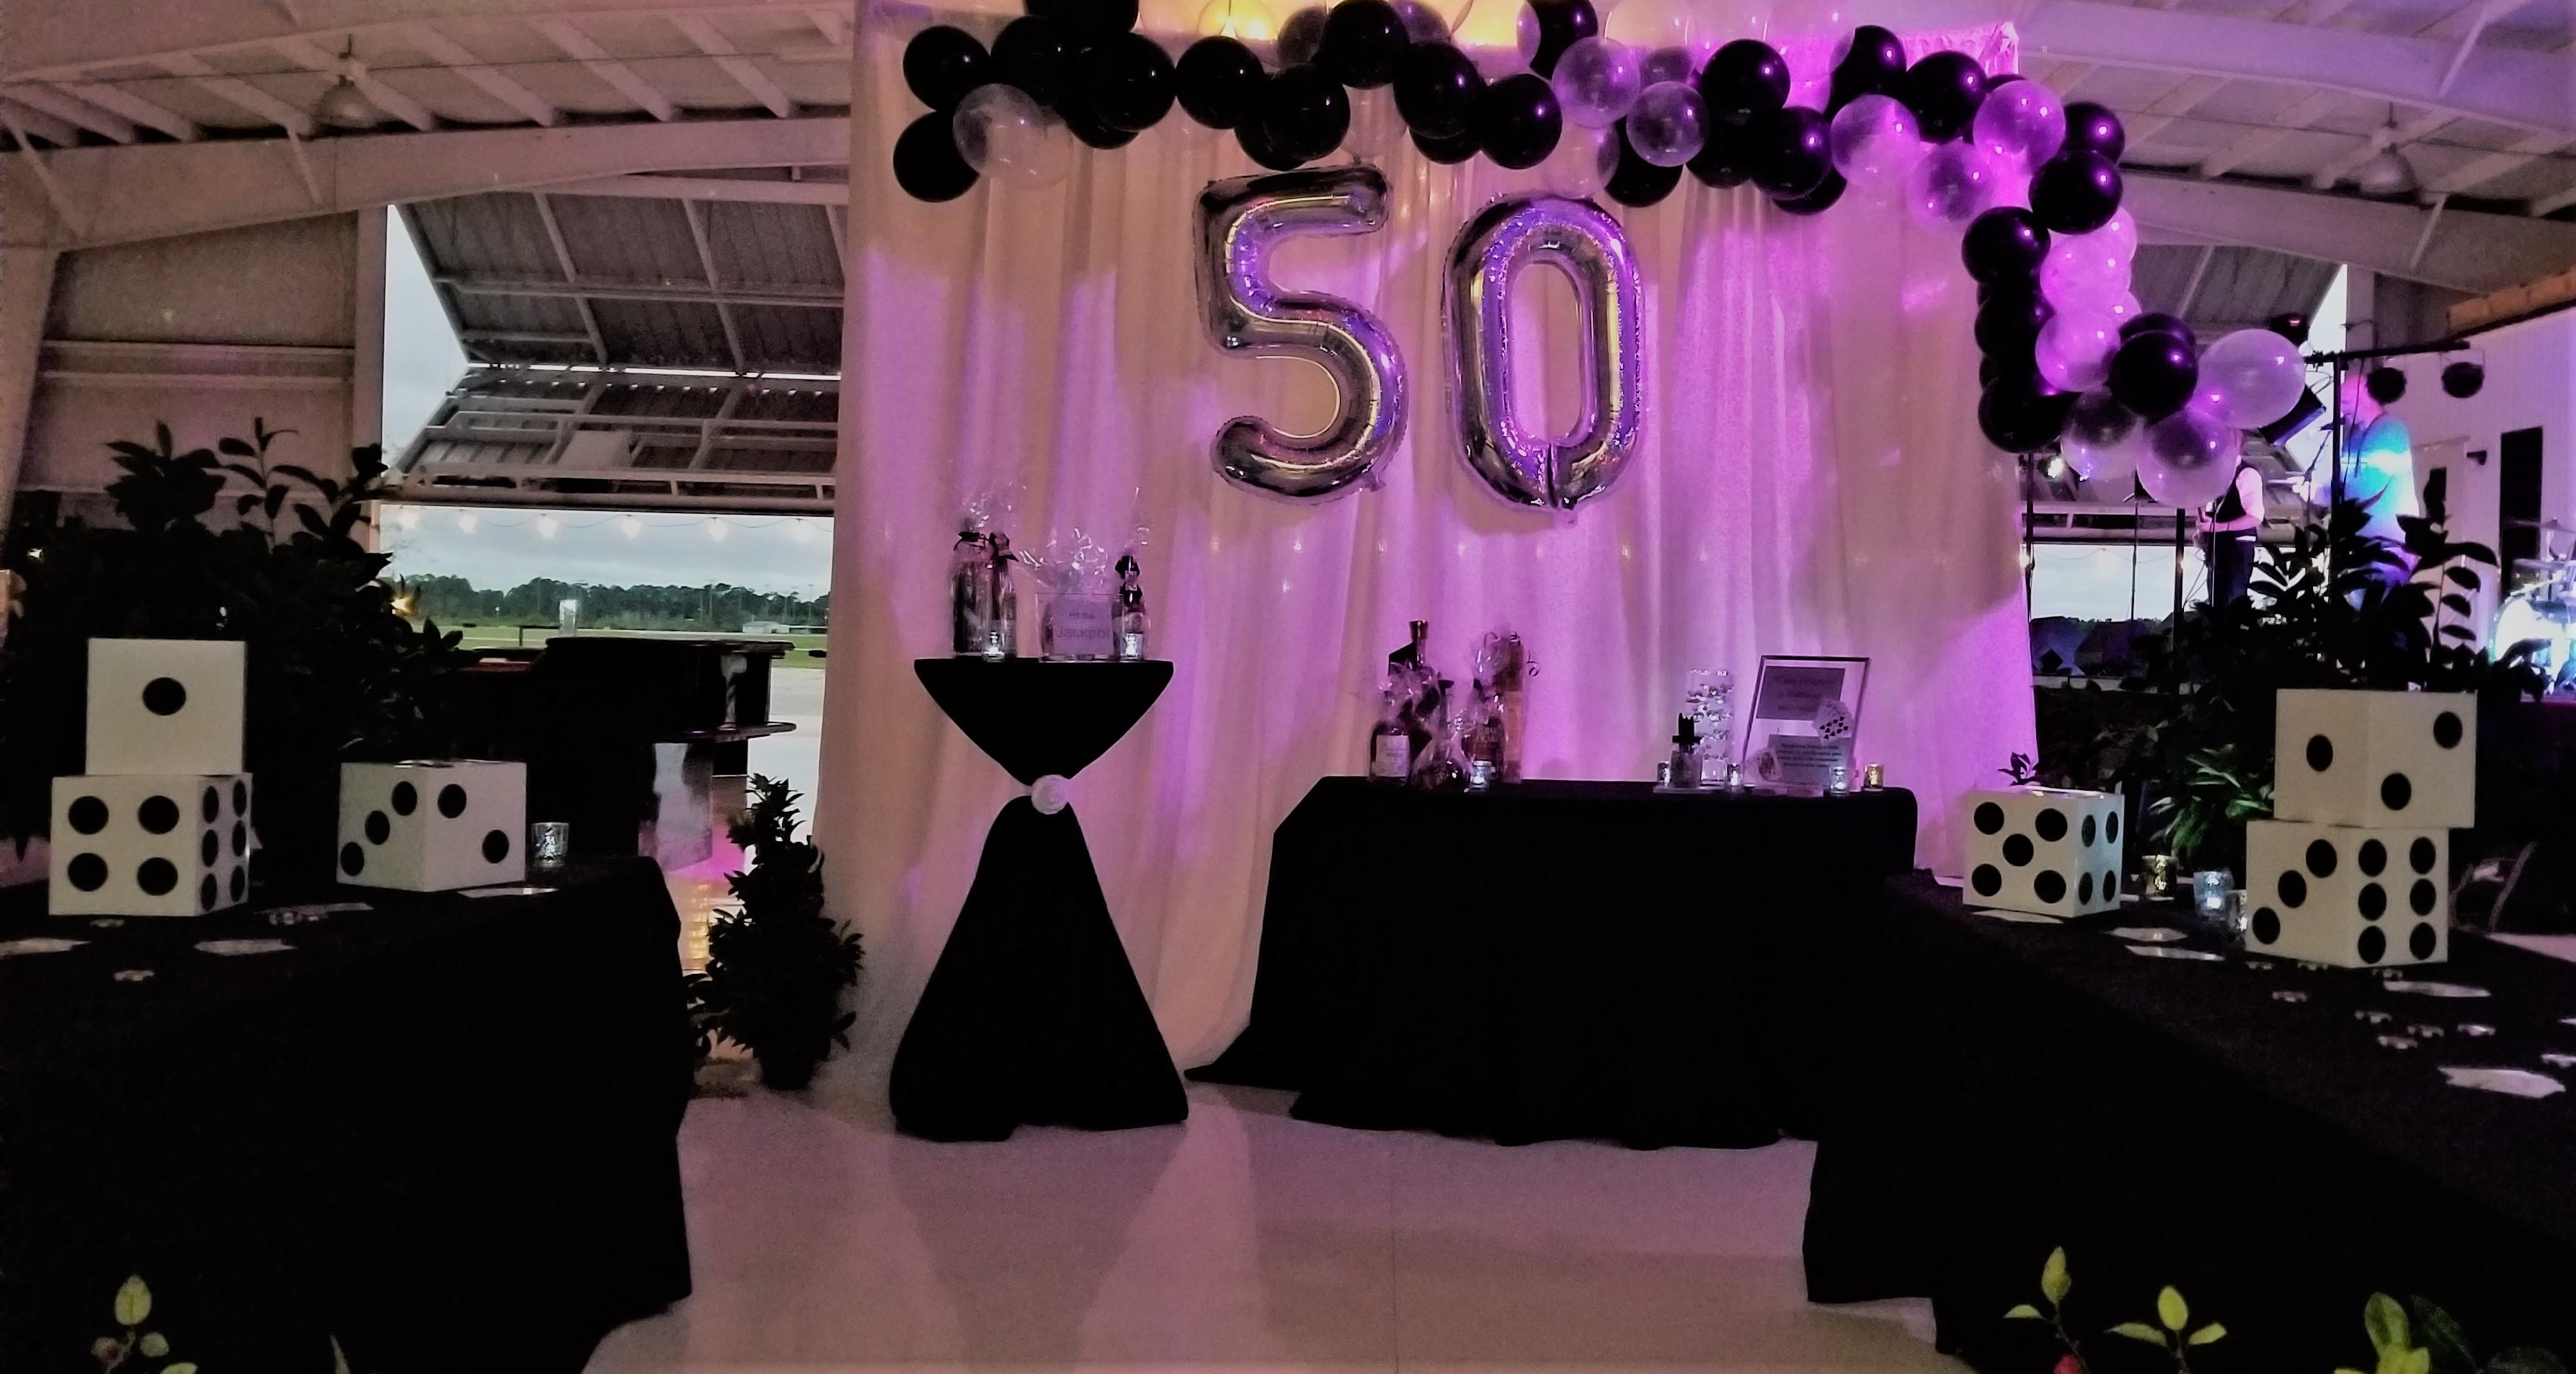 50th decor